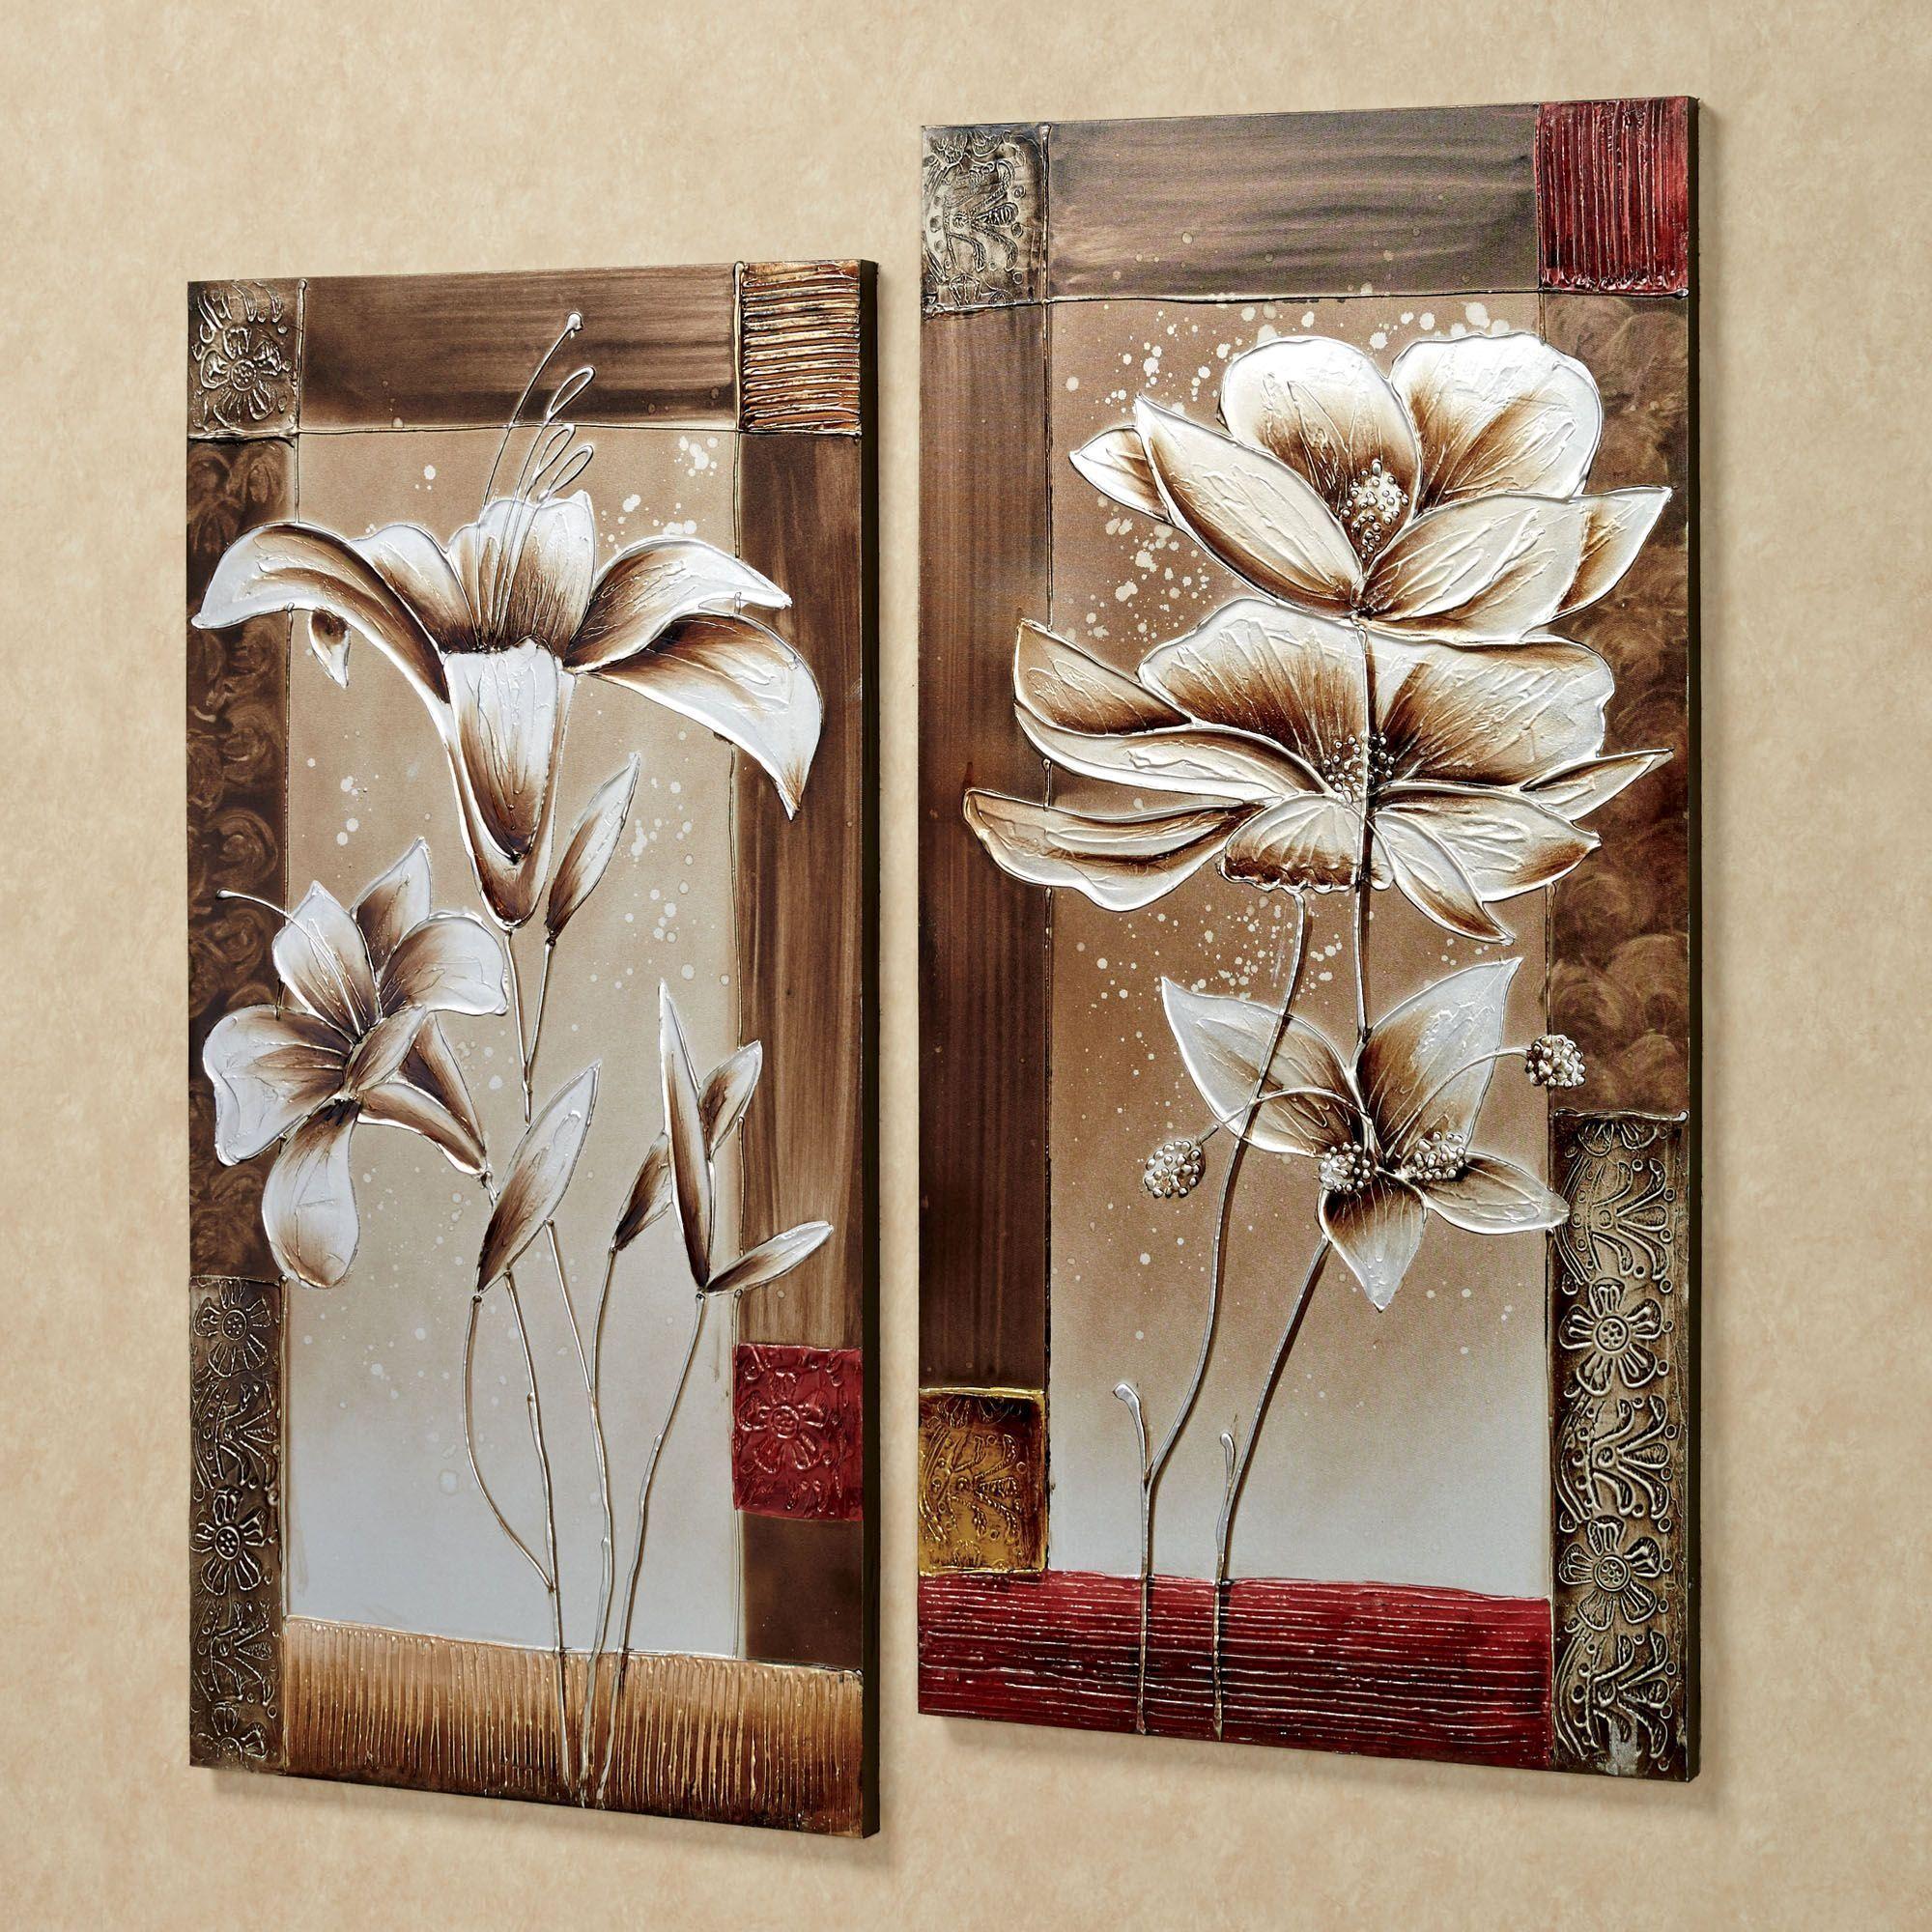 Petals of Spring Floral Canvas Wall Art Set